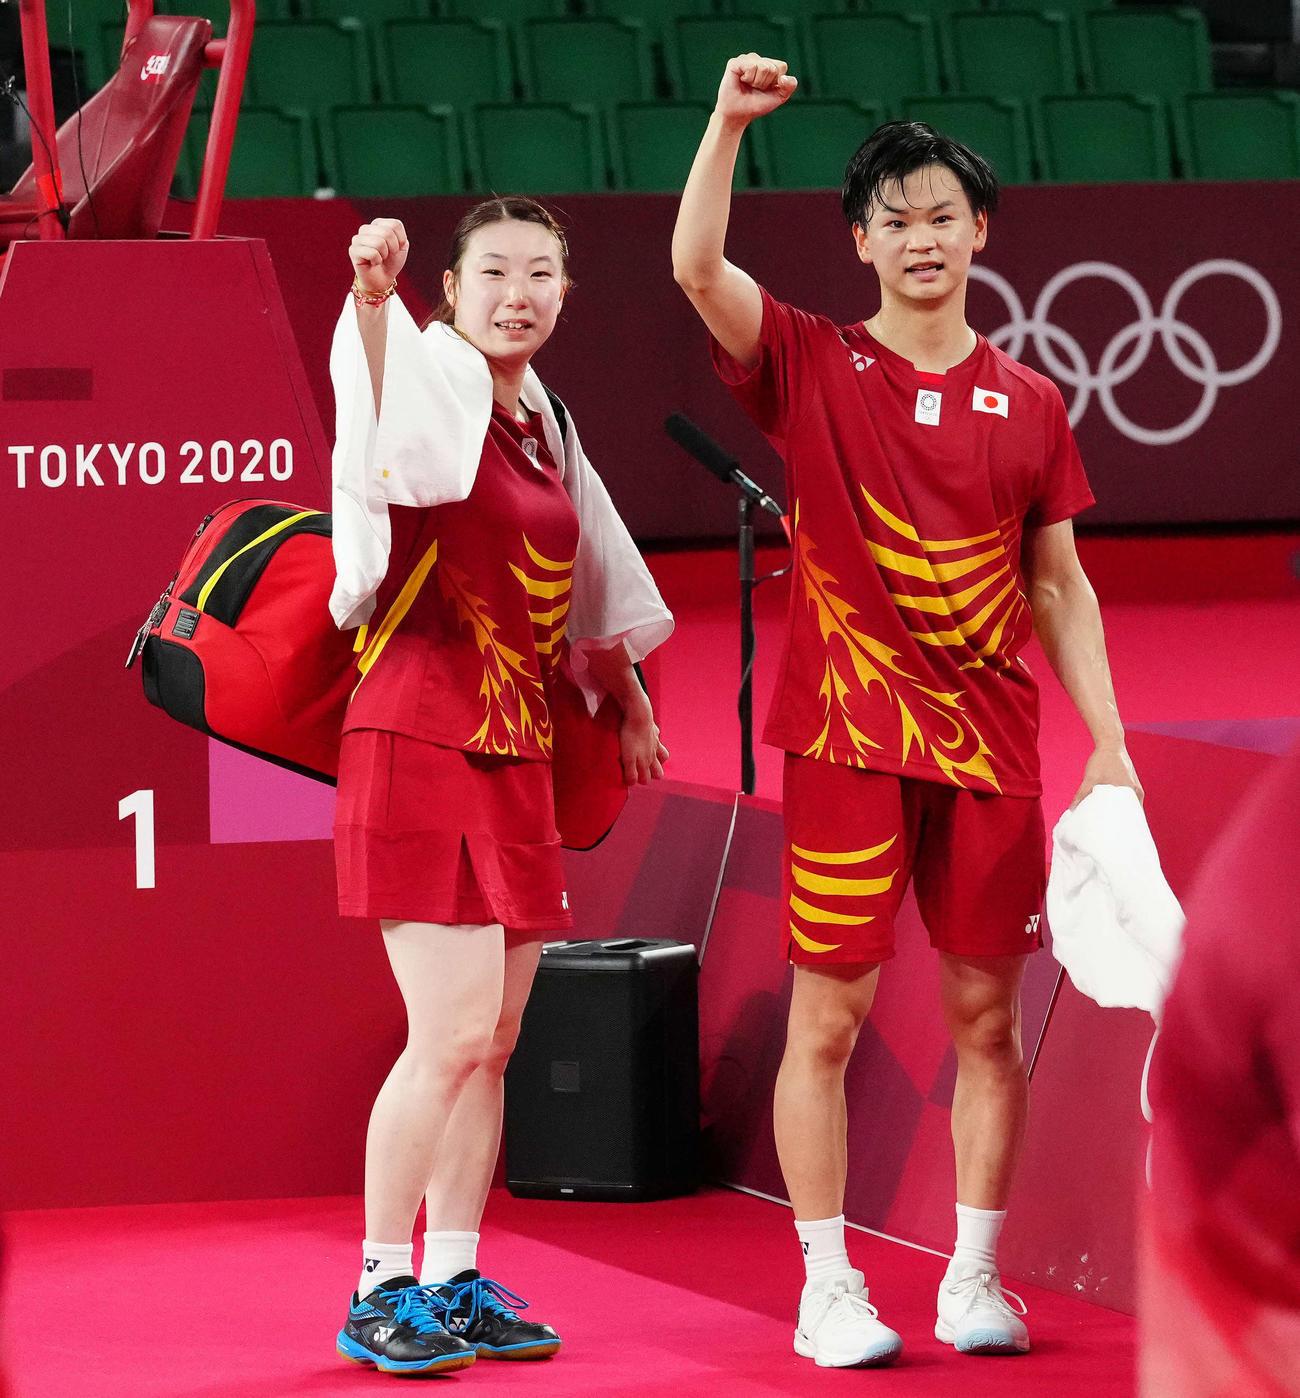 東京五輪バドミントン混合ダブルス3位決定戦で勝利しガッツポーズを見せる渡辺(右)、東野組(2021年7月30日撮影)